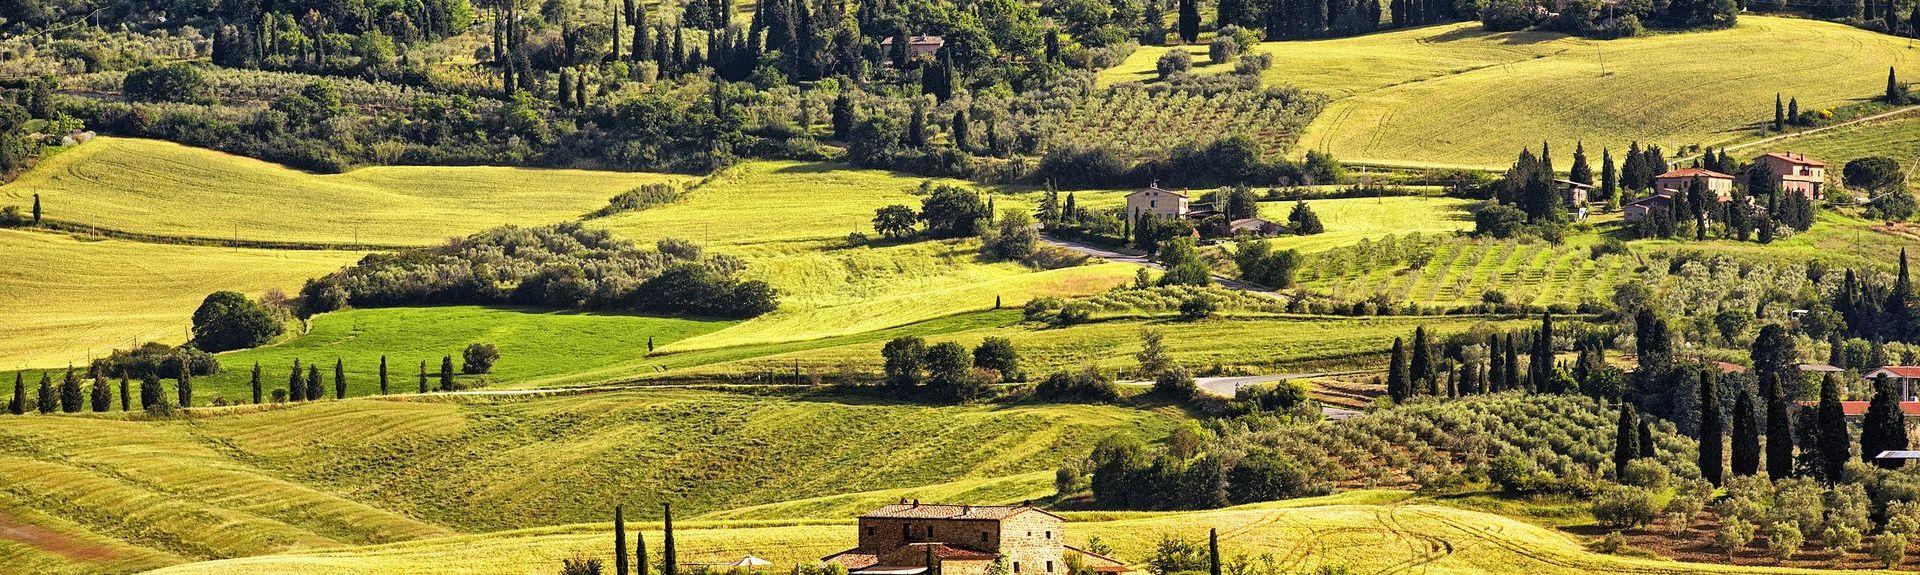 Poggio Antico, Montalcino, Tuscany, Italy